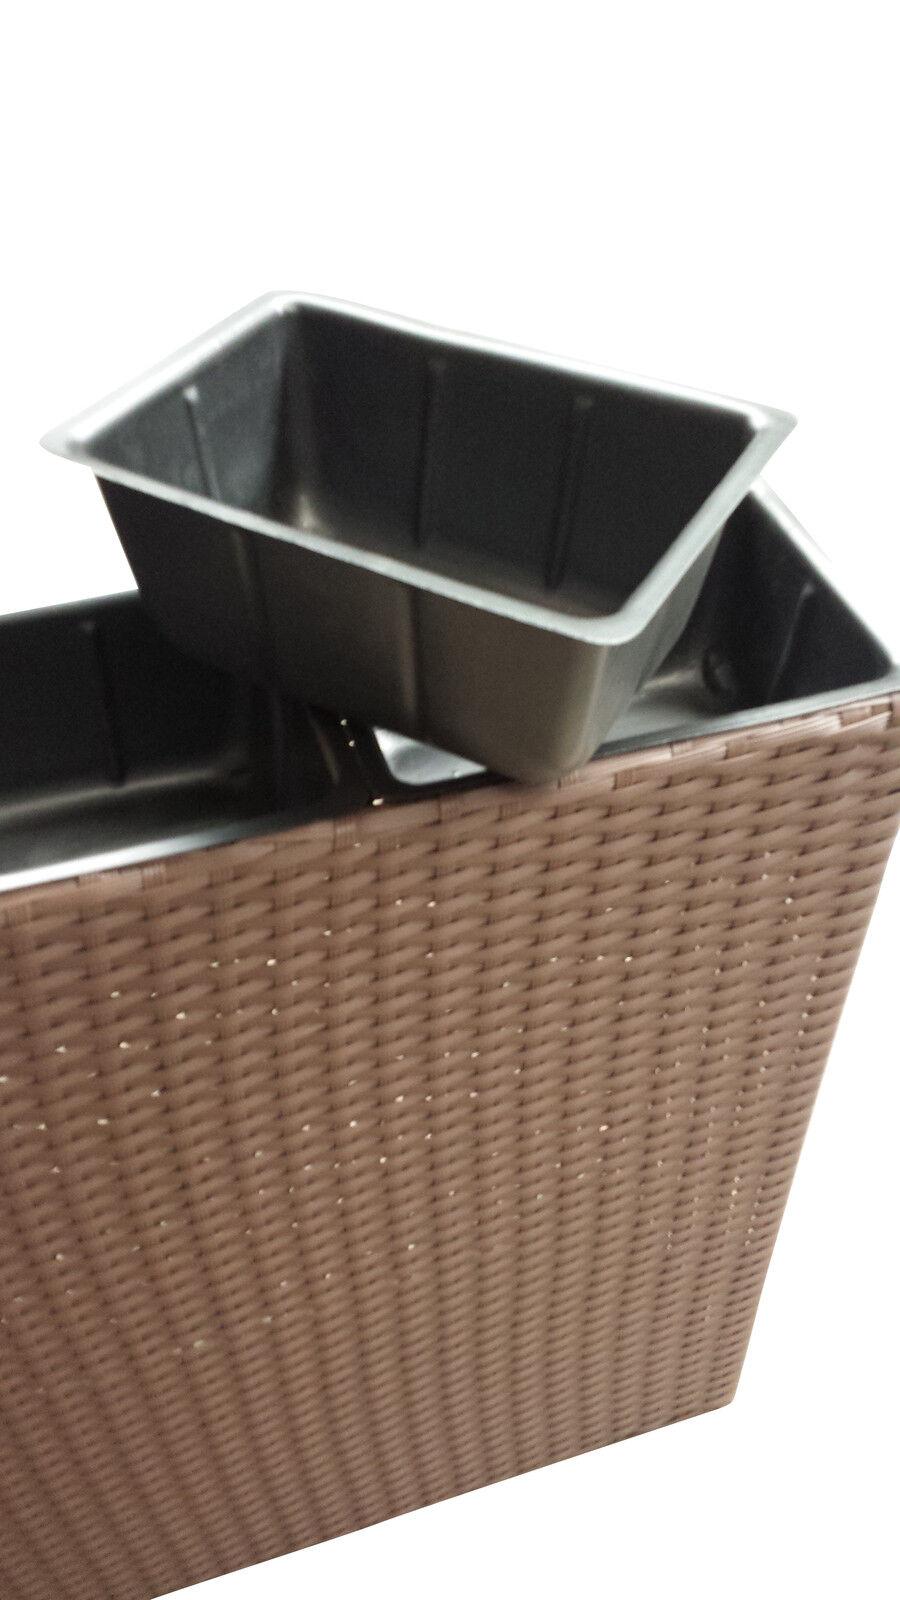 blumenk bel schwarz pflanzk bel raumtrenner sichtschutz pflanzgef polyrattan eur 67 45. Black Bedroom Furniture Sets. Home Design Ideas